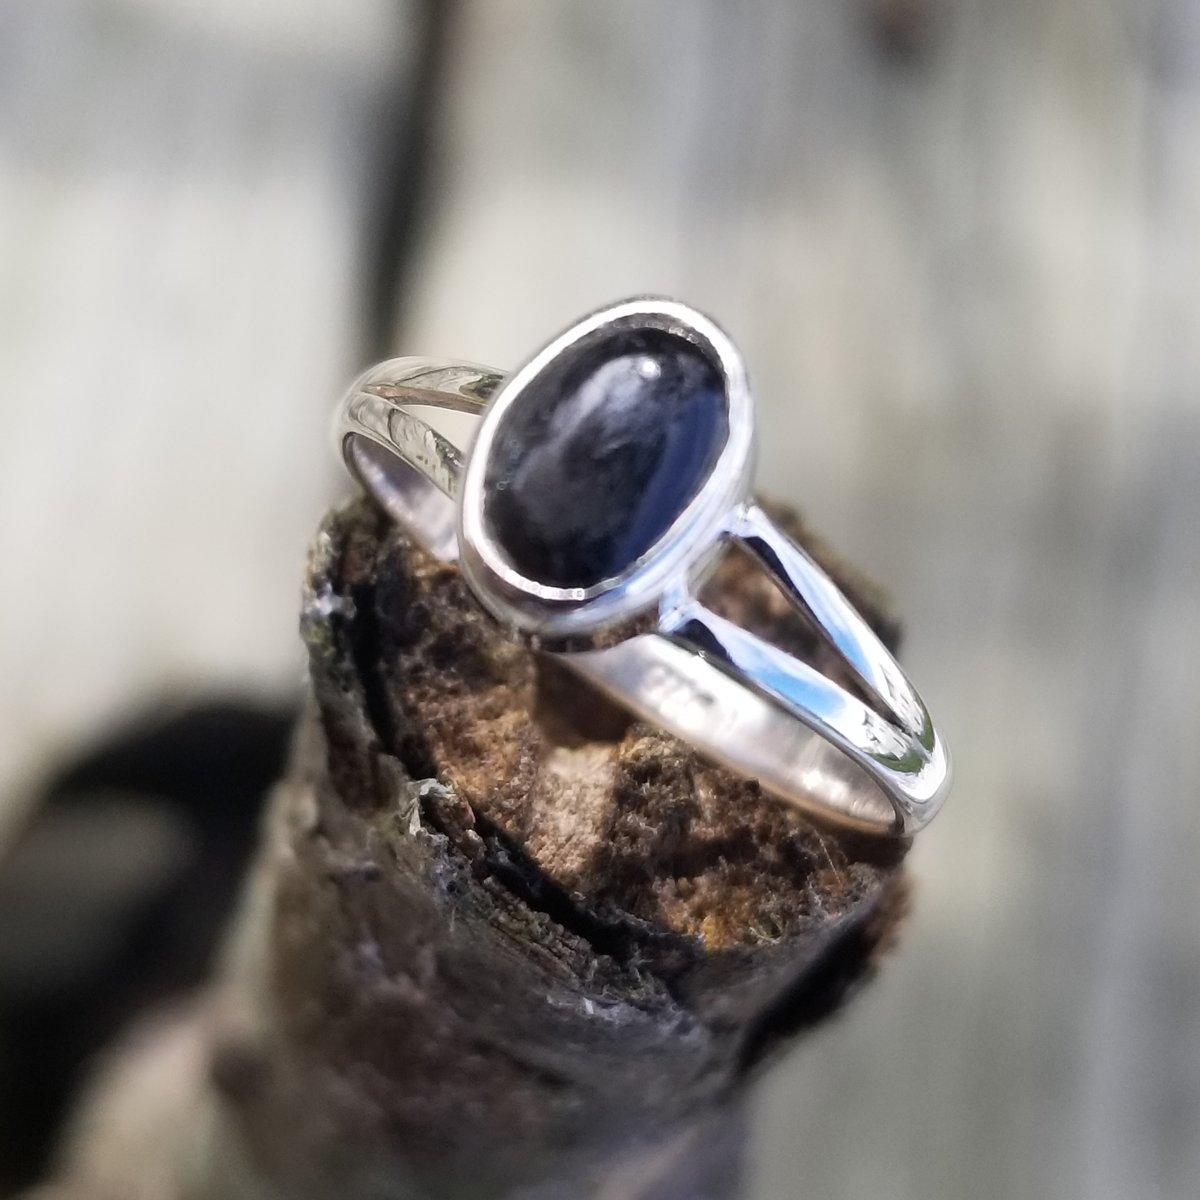 Image of Petite Noir Ring - Black Onyx in Sterling